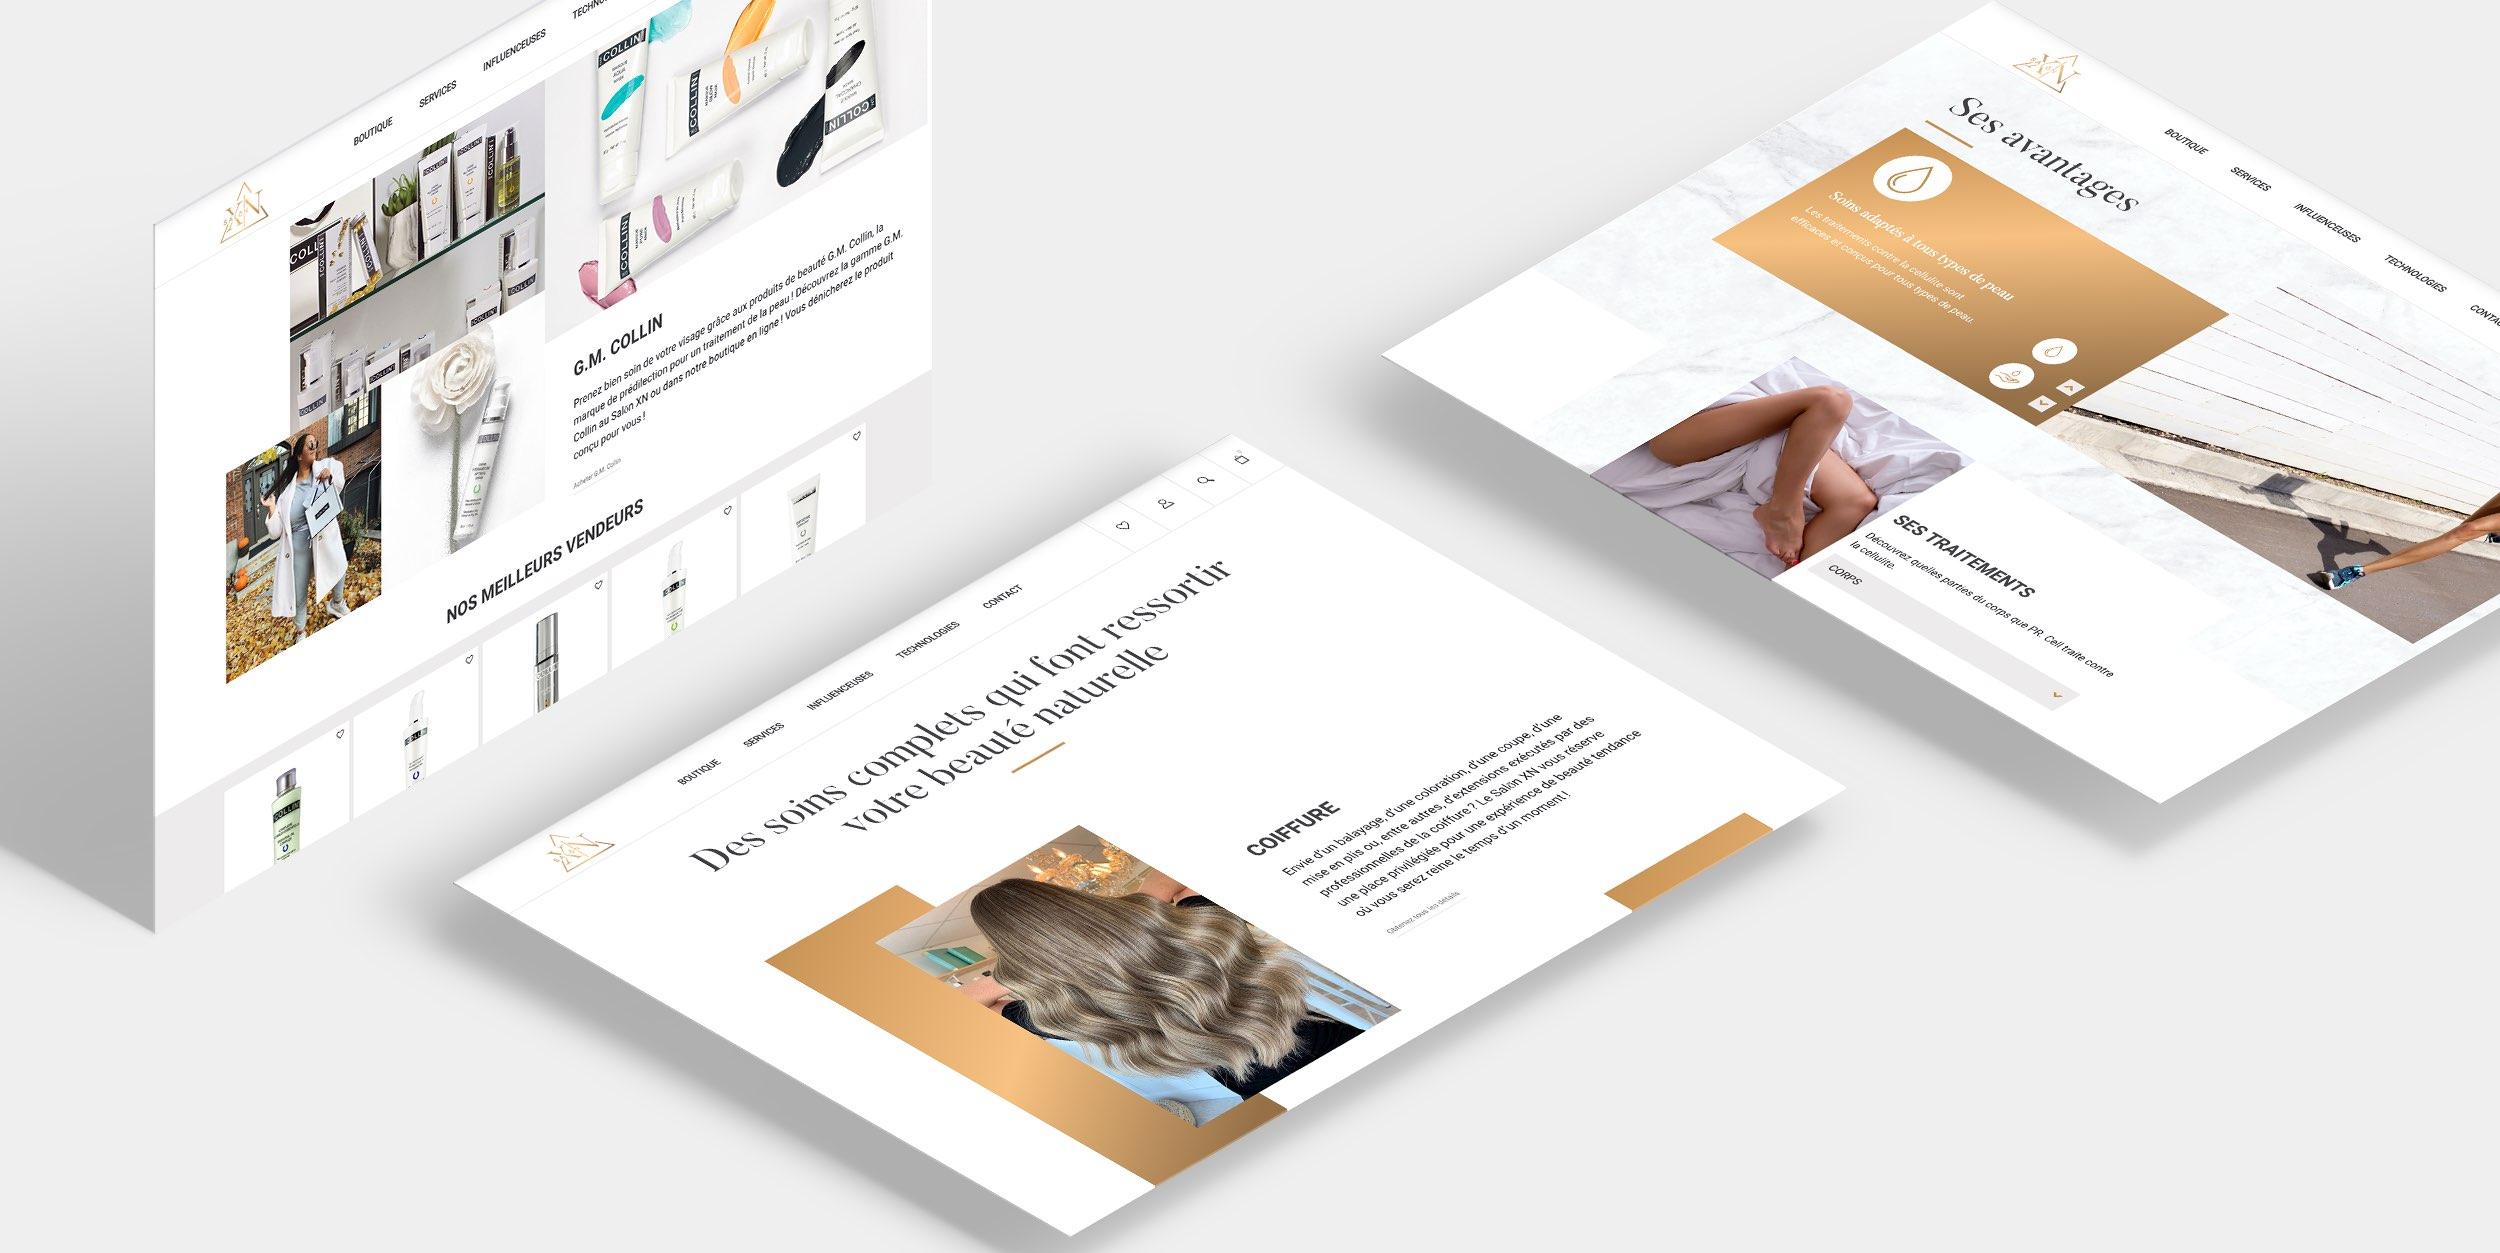 Image professionnelle | Design Web | Expérience numérique